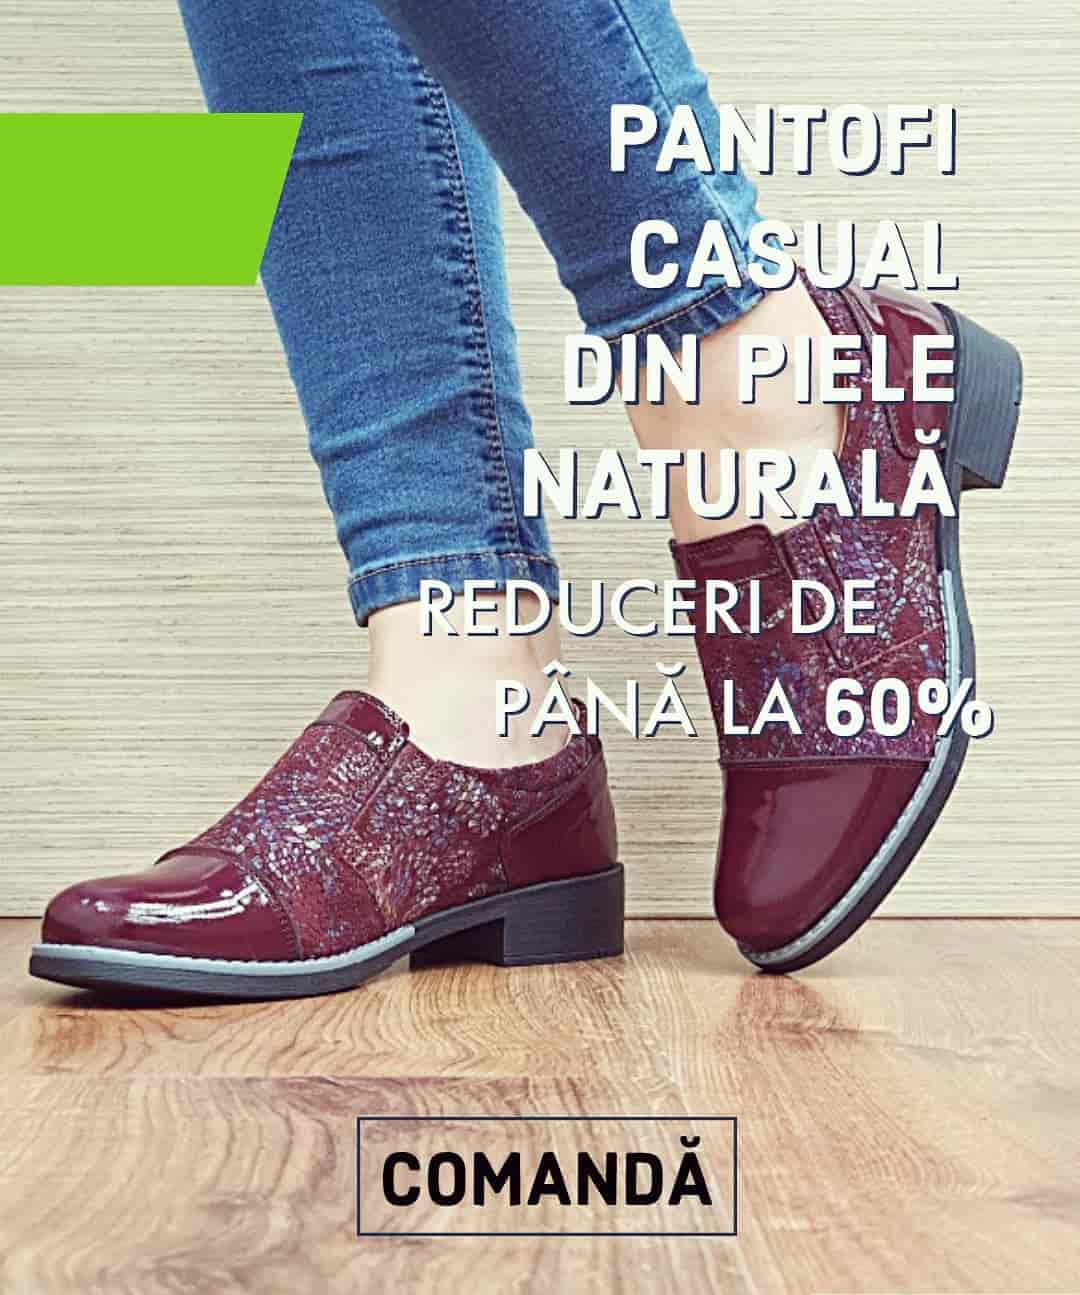 Pantofi Casual Octombrie 2020